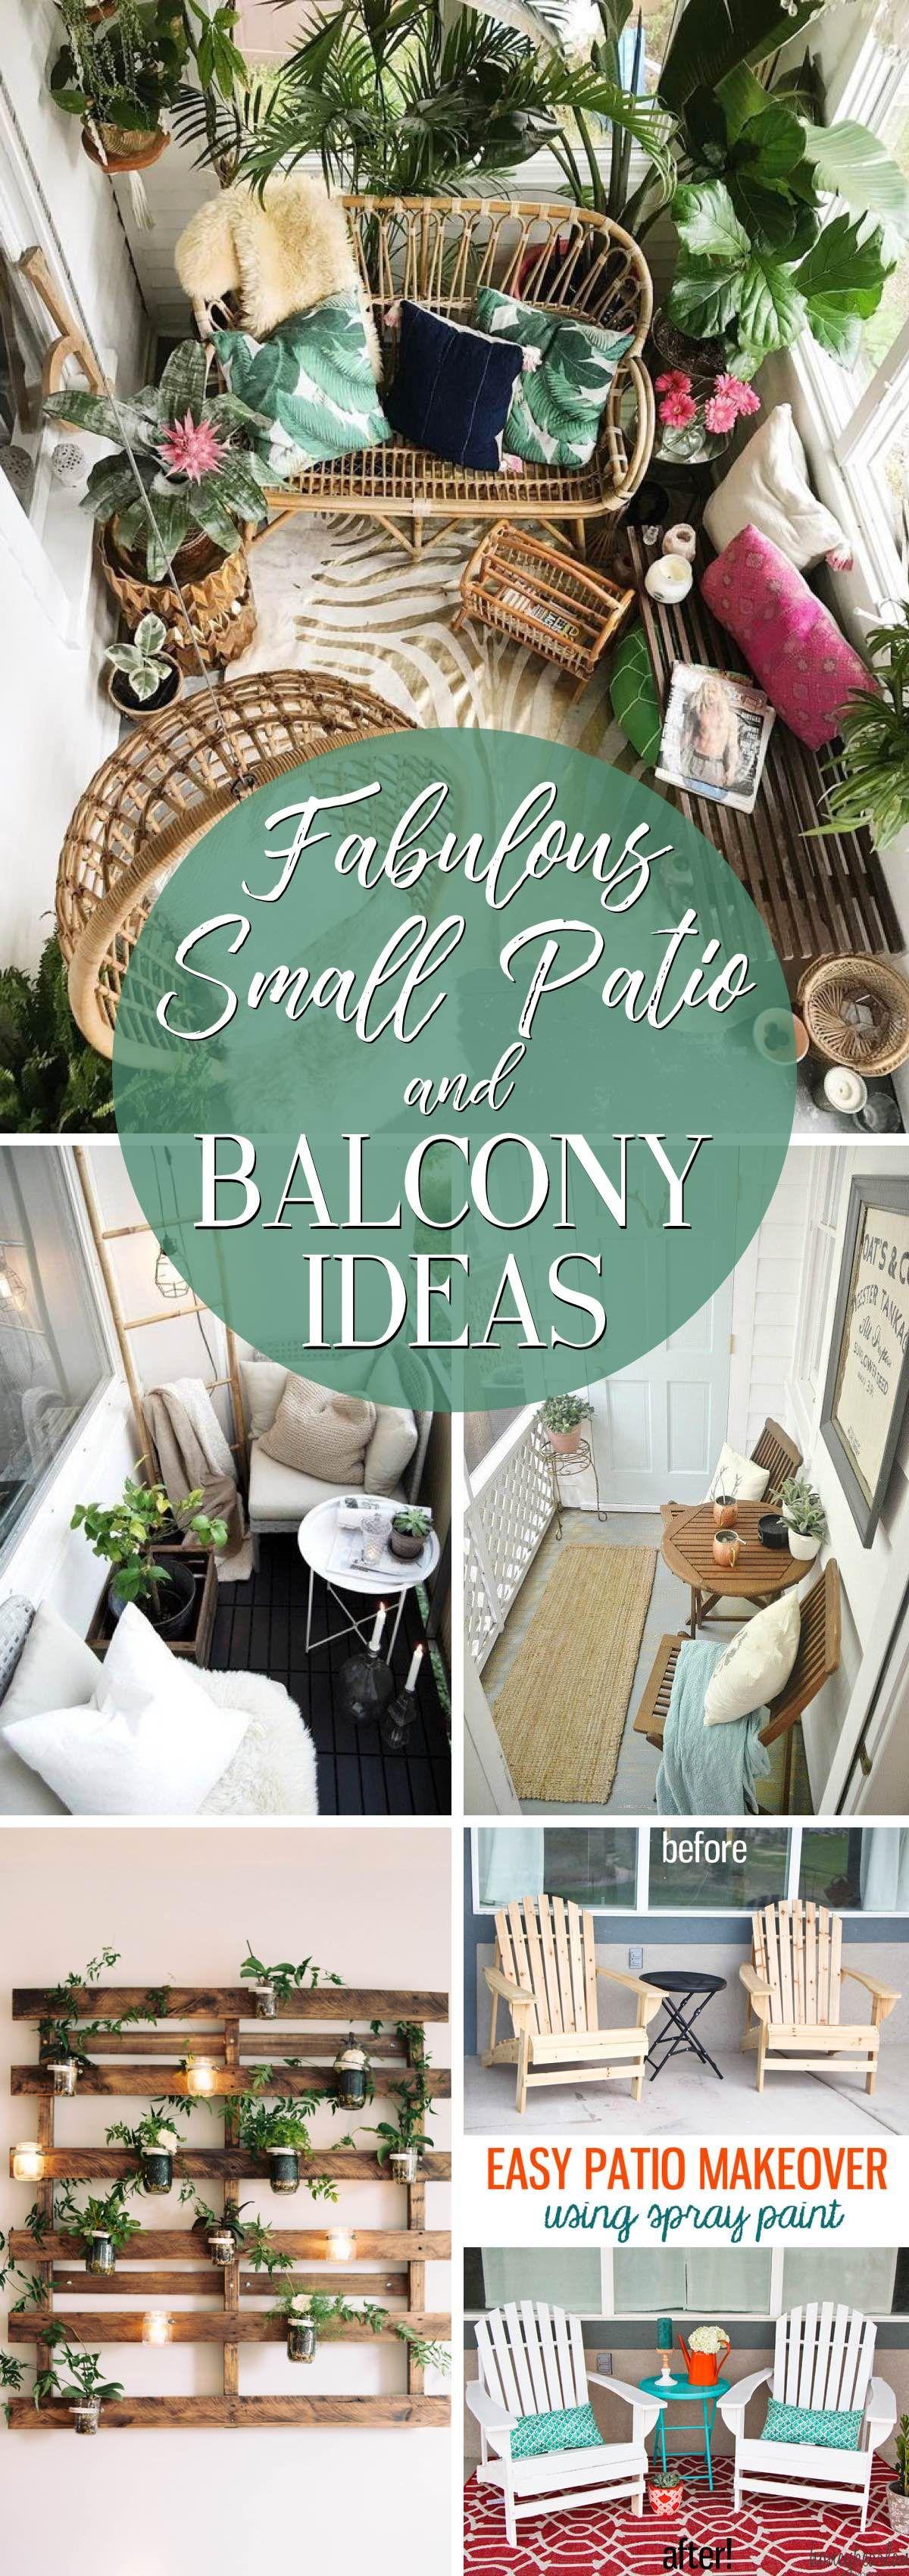 19 Fabulous Small Patio and Balcony Ideas #balconyideas